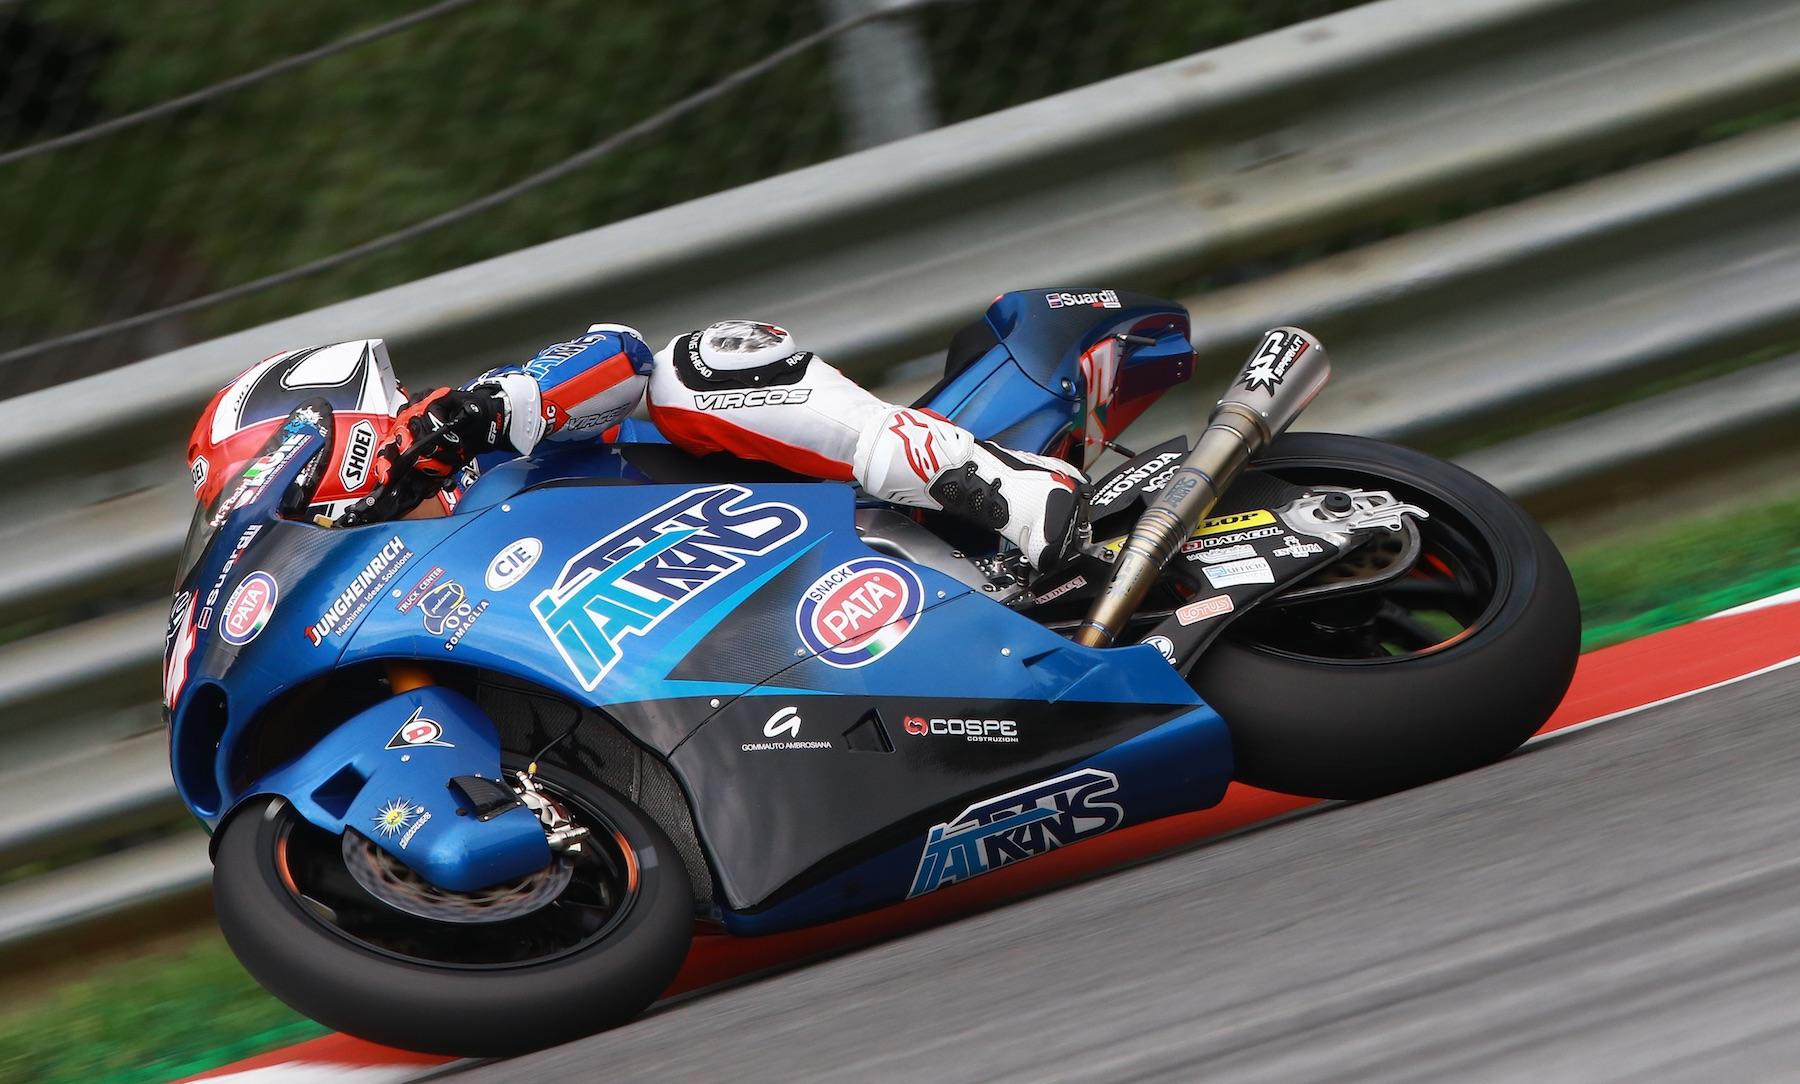 Mattia Pasini encadena su segunda pole position del año en Moto2